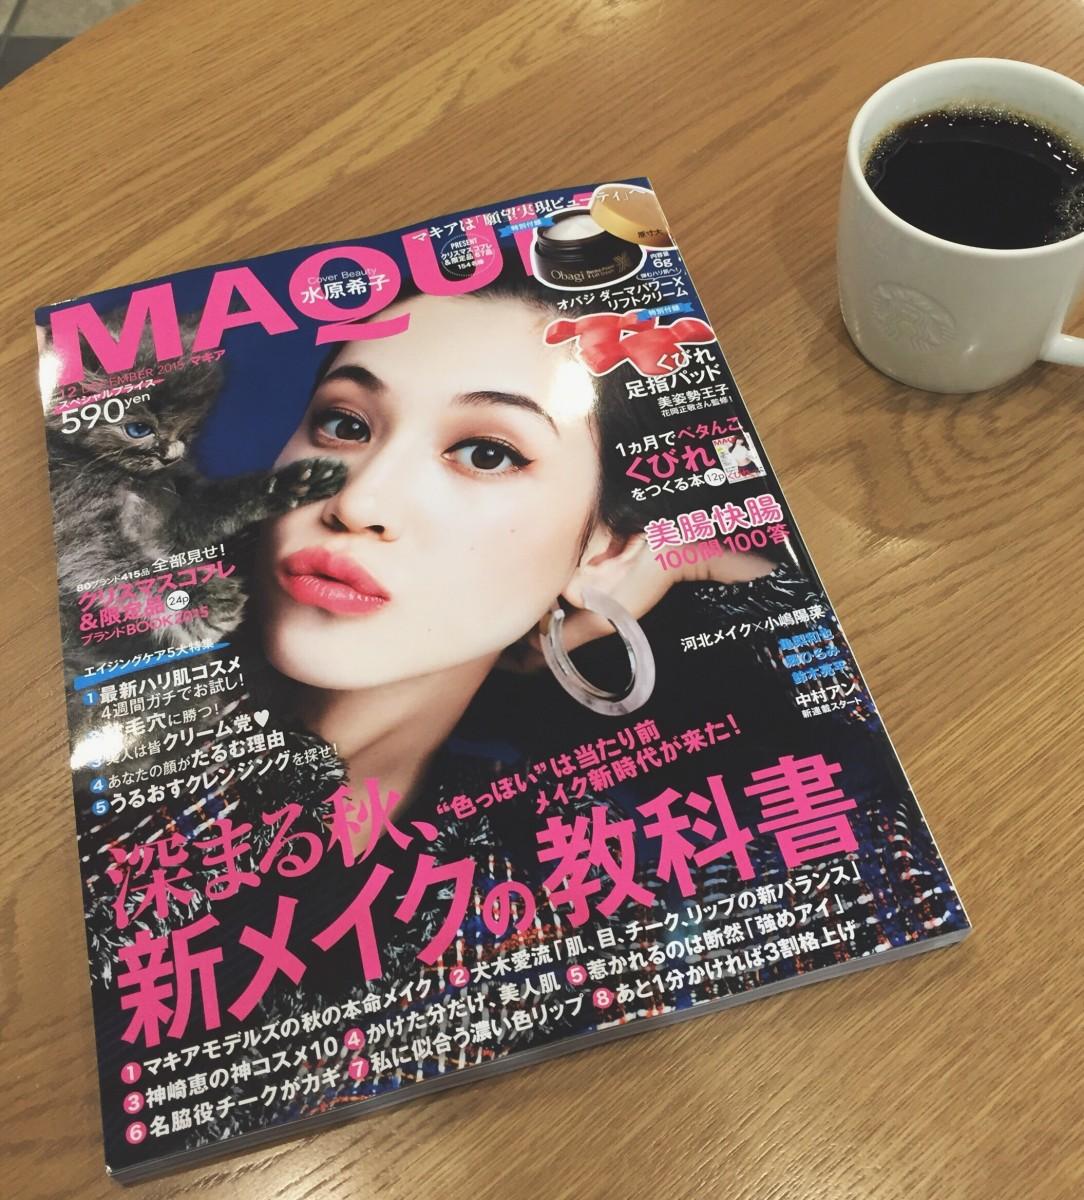 マキア12月号 えみ的☆み ど こ ろ!